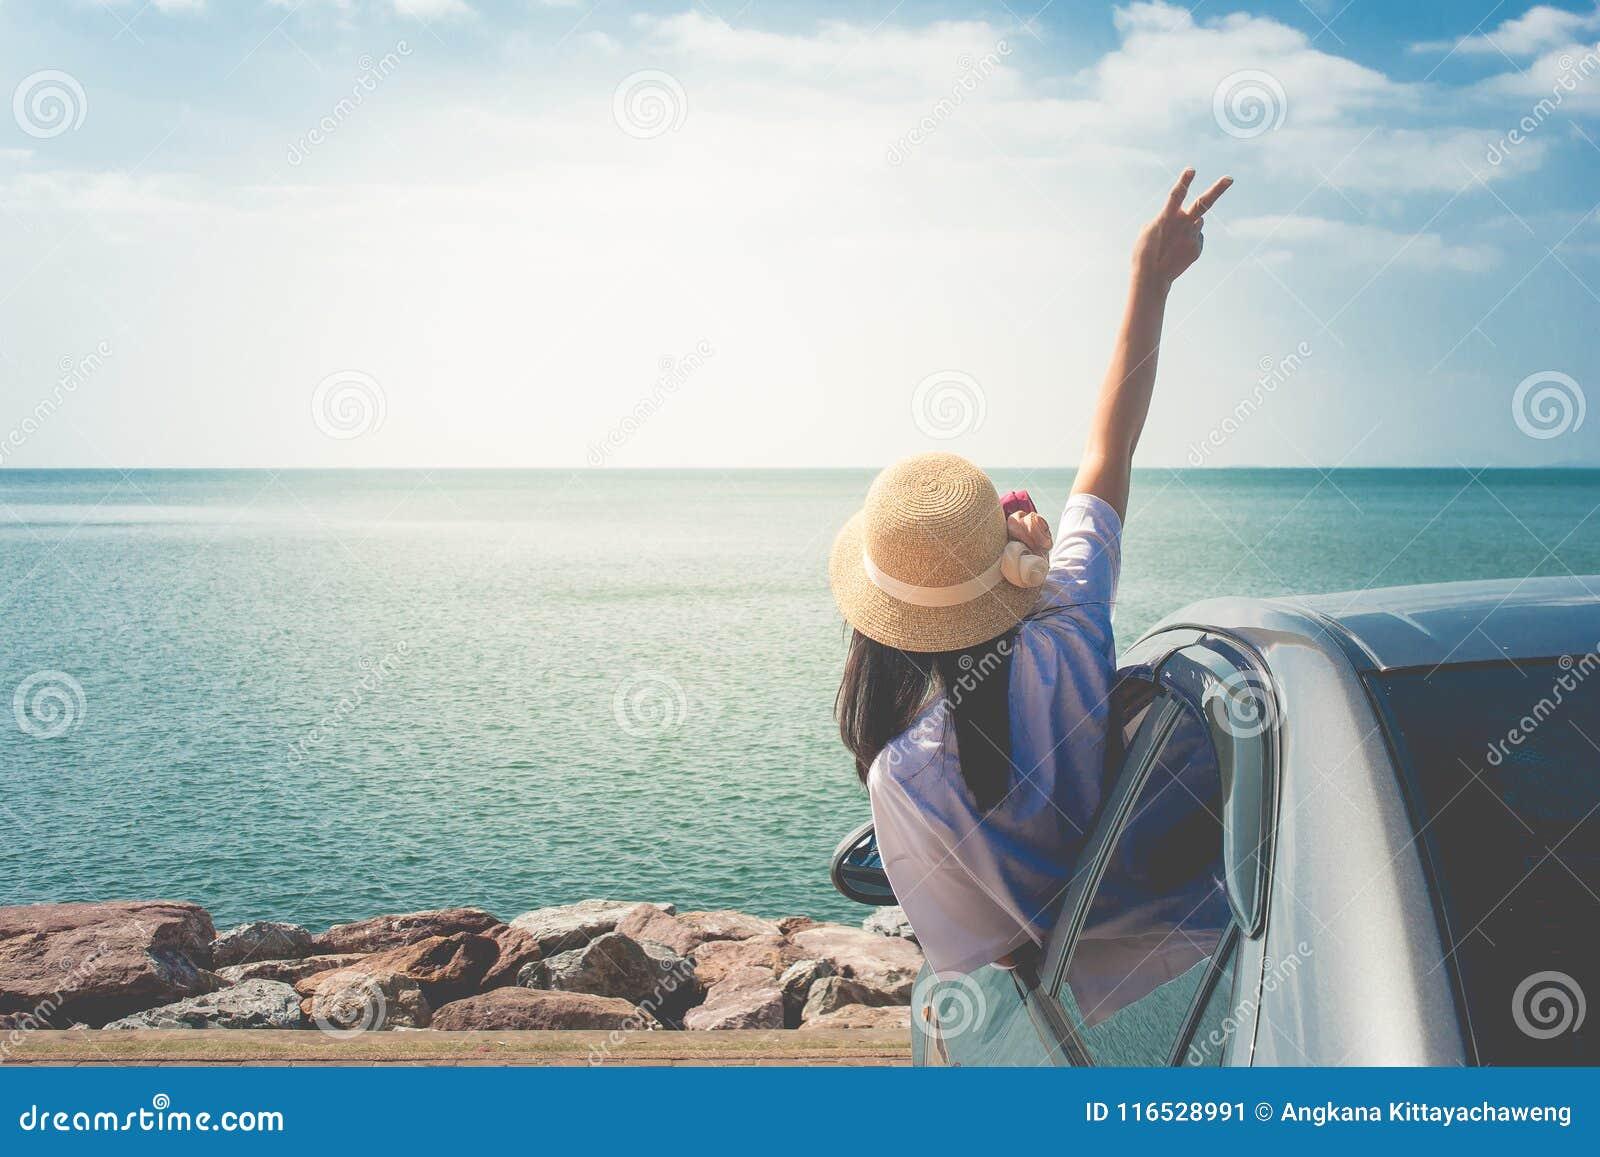 Sommarsemester och feriebegrepp: Lycklig familjebiltur på havet, känslig lycka för ståendekvinna